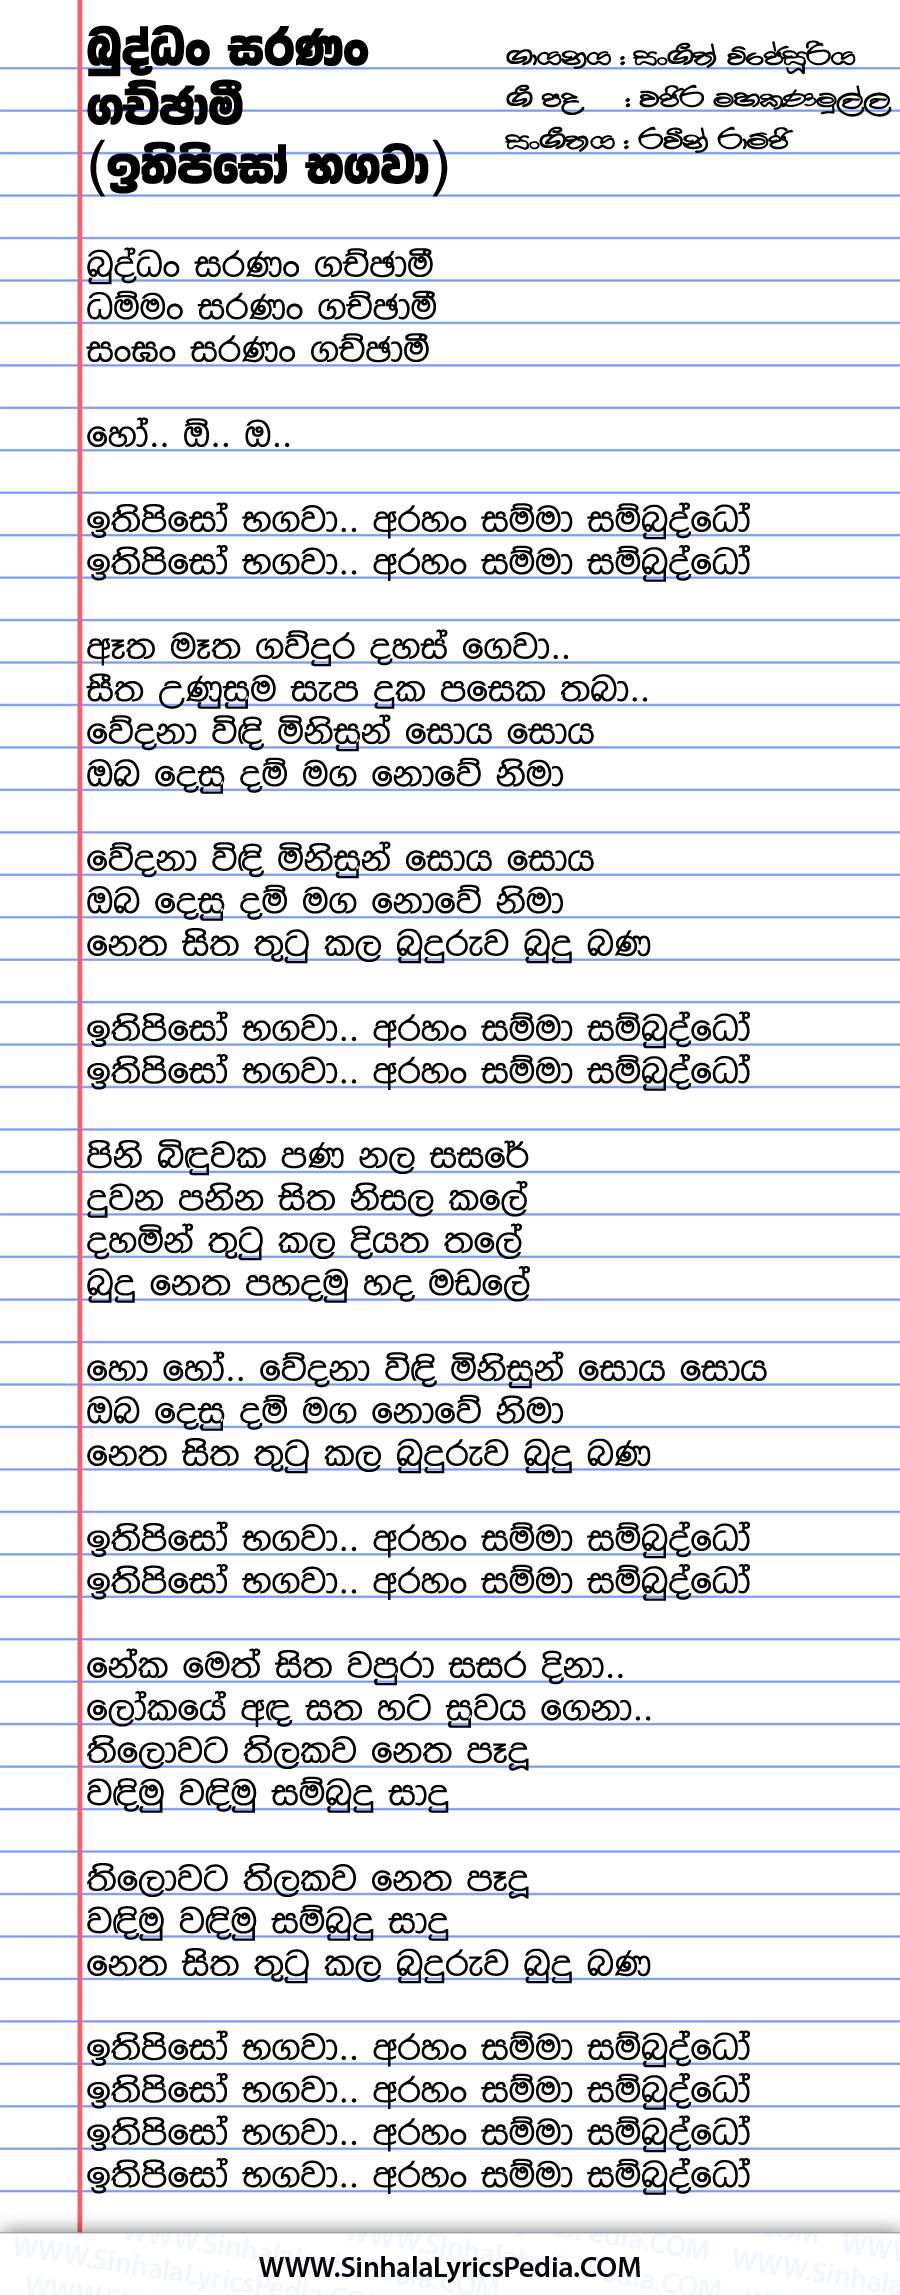 Buddan Saranan (Ithipiso Bagawa) Song Lyrics